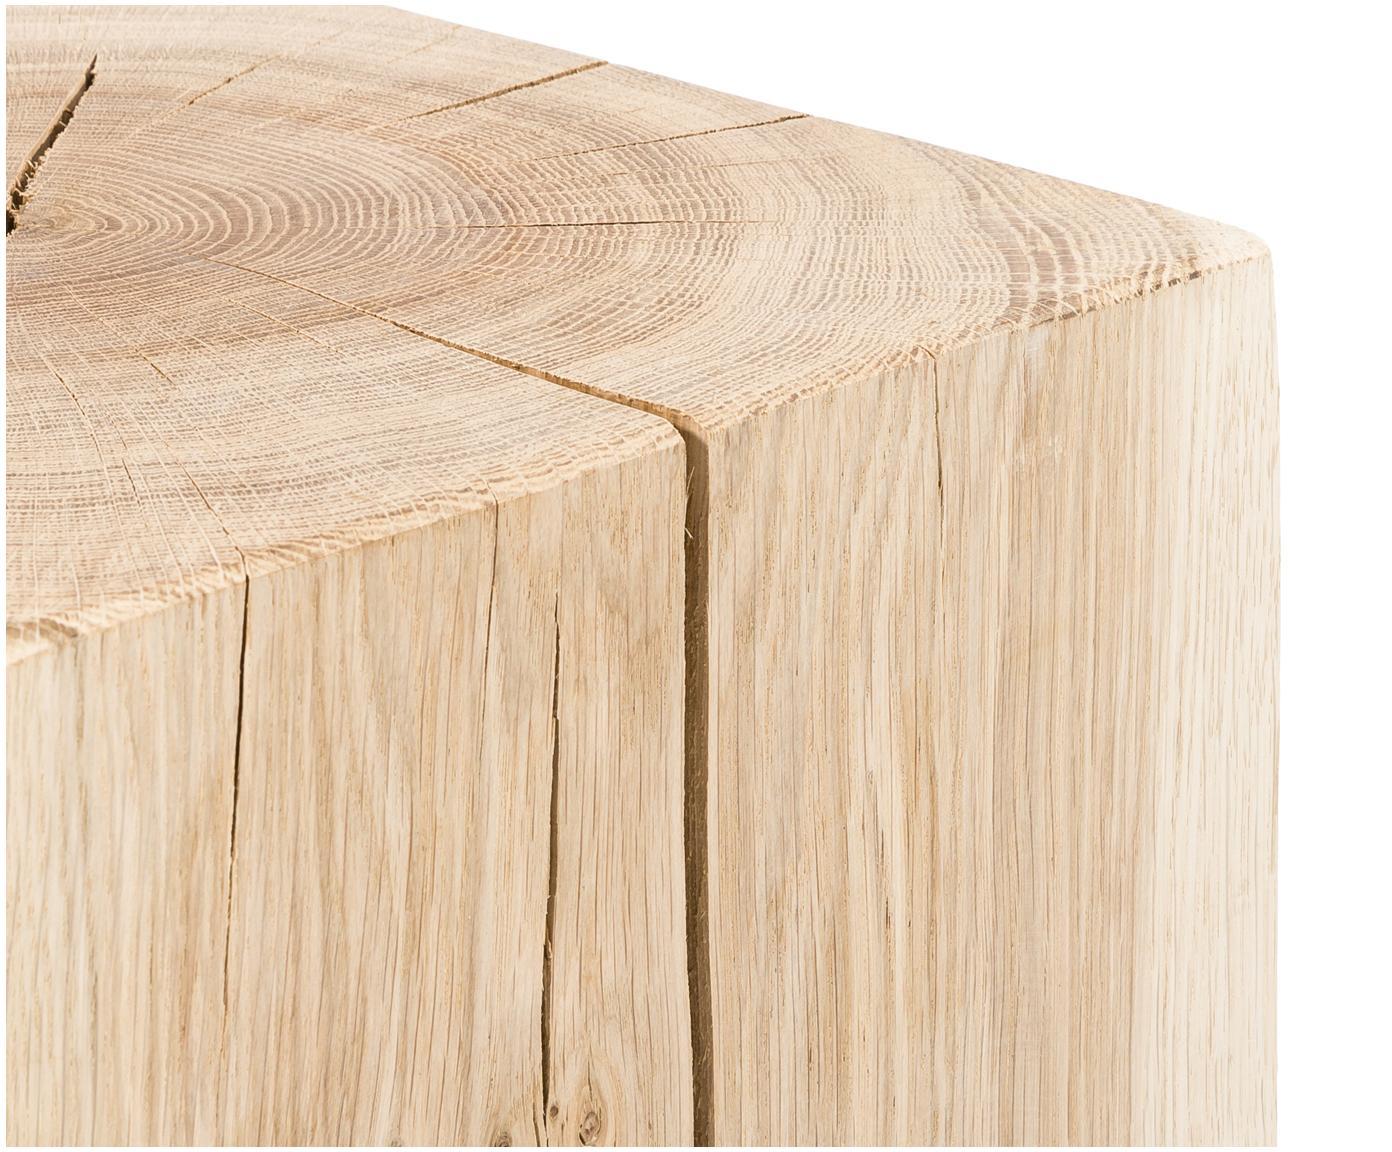 Stołek z litego drewna dębowego Block, Drewno dębowe, Drewno dębowe, S 29 x W 40 cm